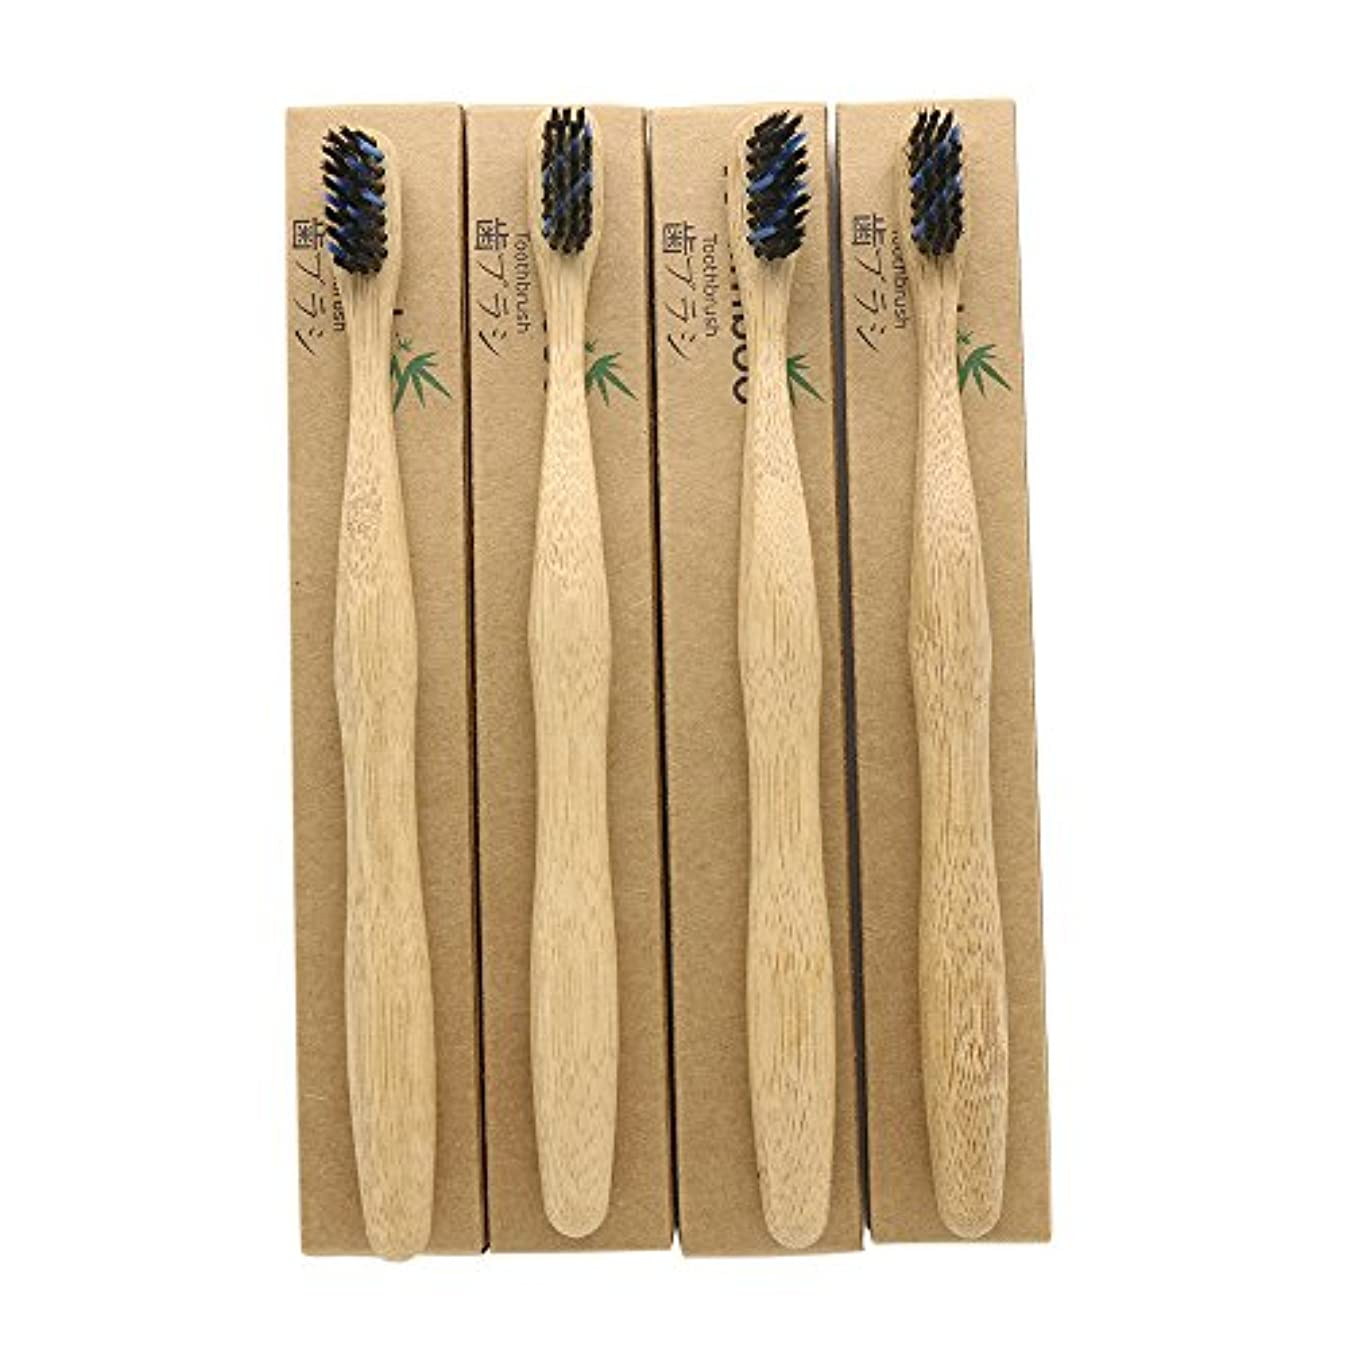 特異性労働者トレーダーN-amboo 竹製耐久度高い 歯ブラシ 黒いと青い 4本入り セット